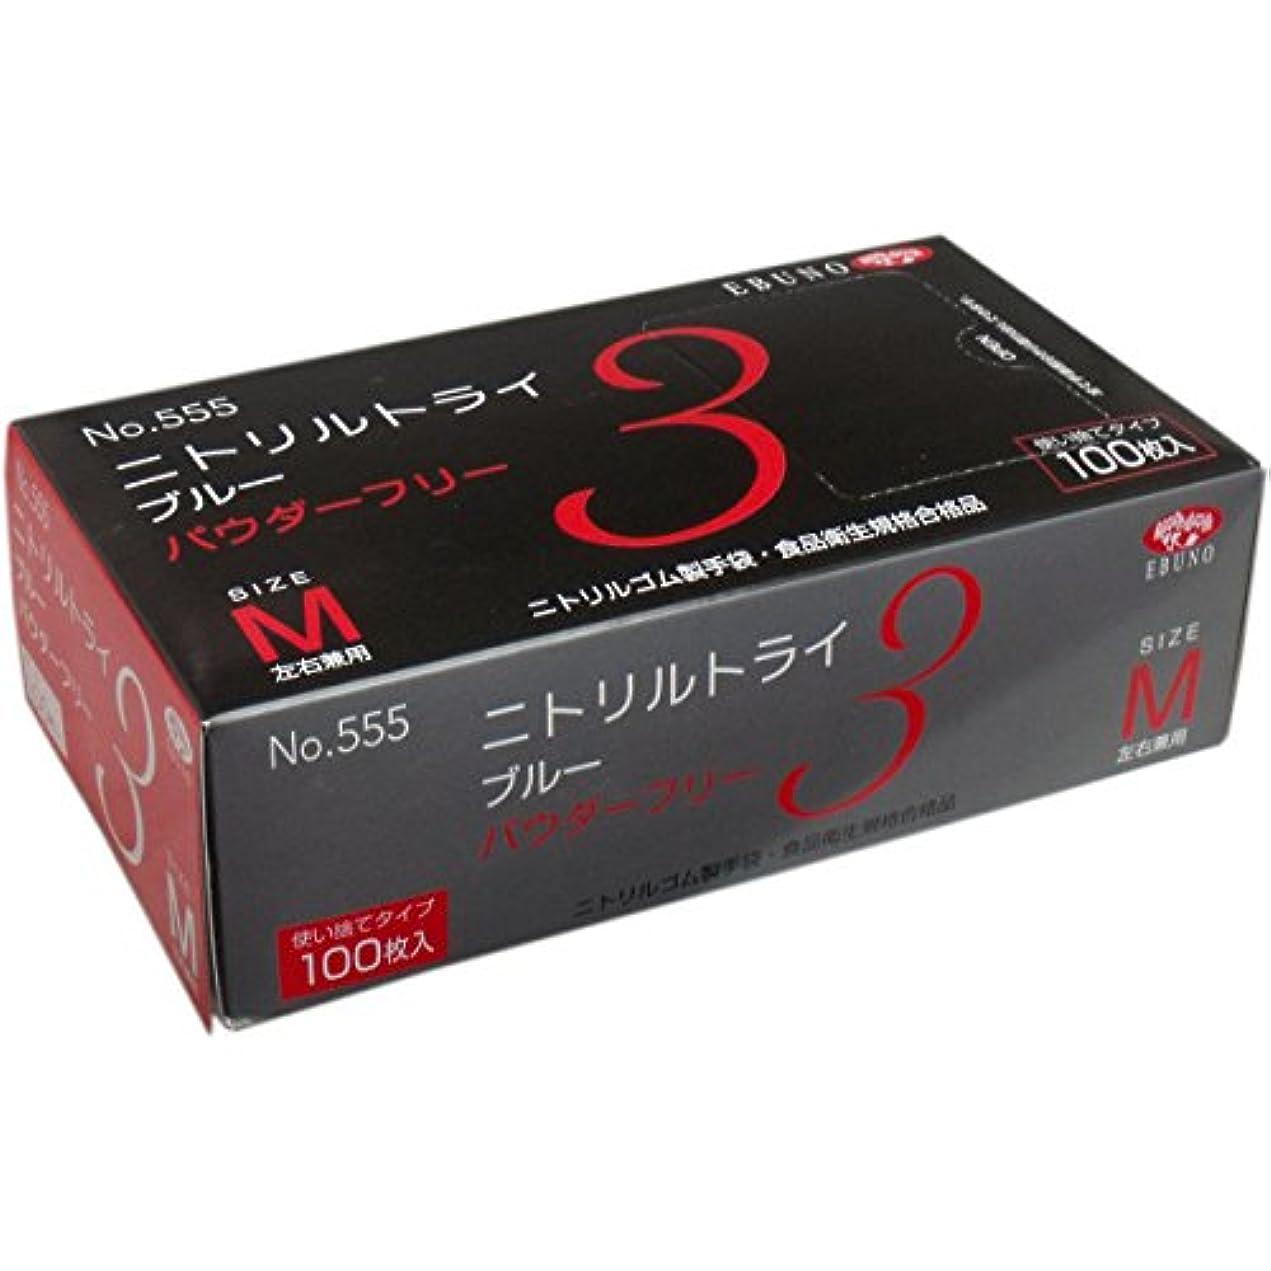 ニトリルトライ3 手袋 ブルー パウダーフリー Mサイズ 100枚入×2個セット